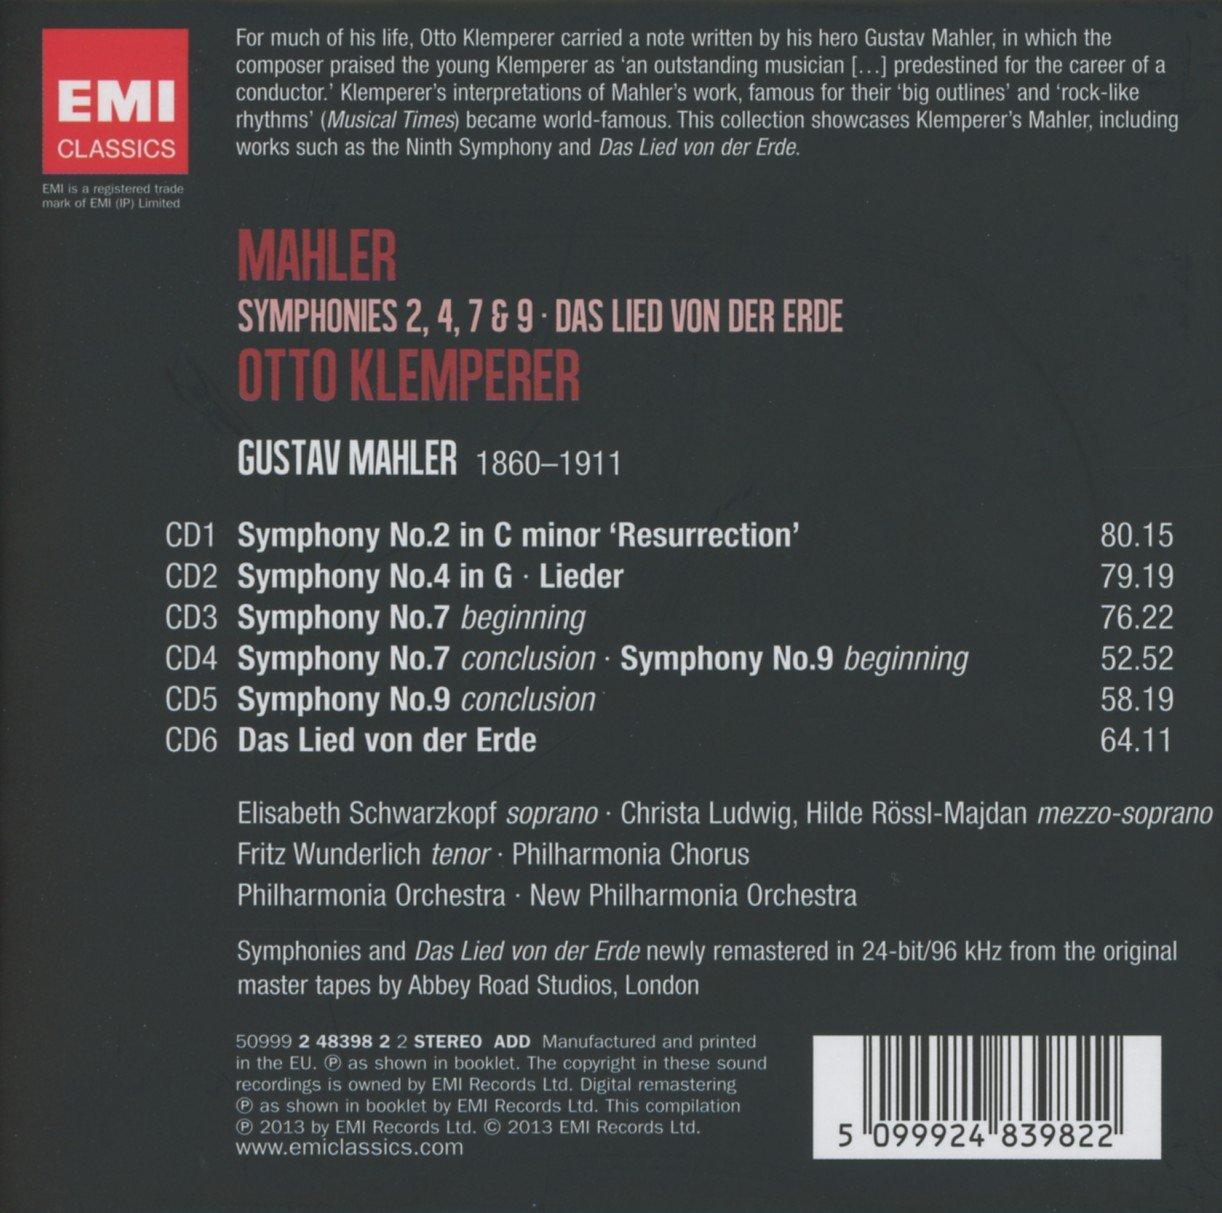 Mahler box-set, Symphonies 2, 4, 7 & 9 / Das Lied von der Erde